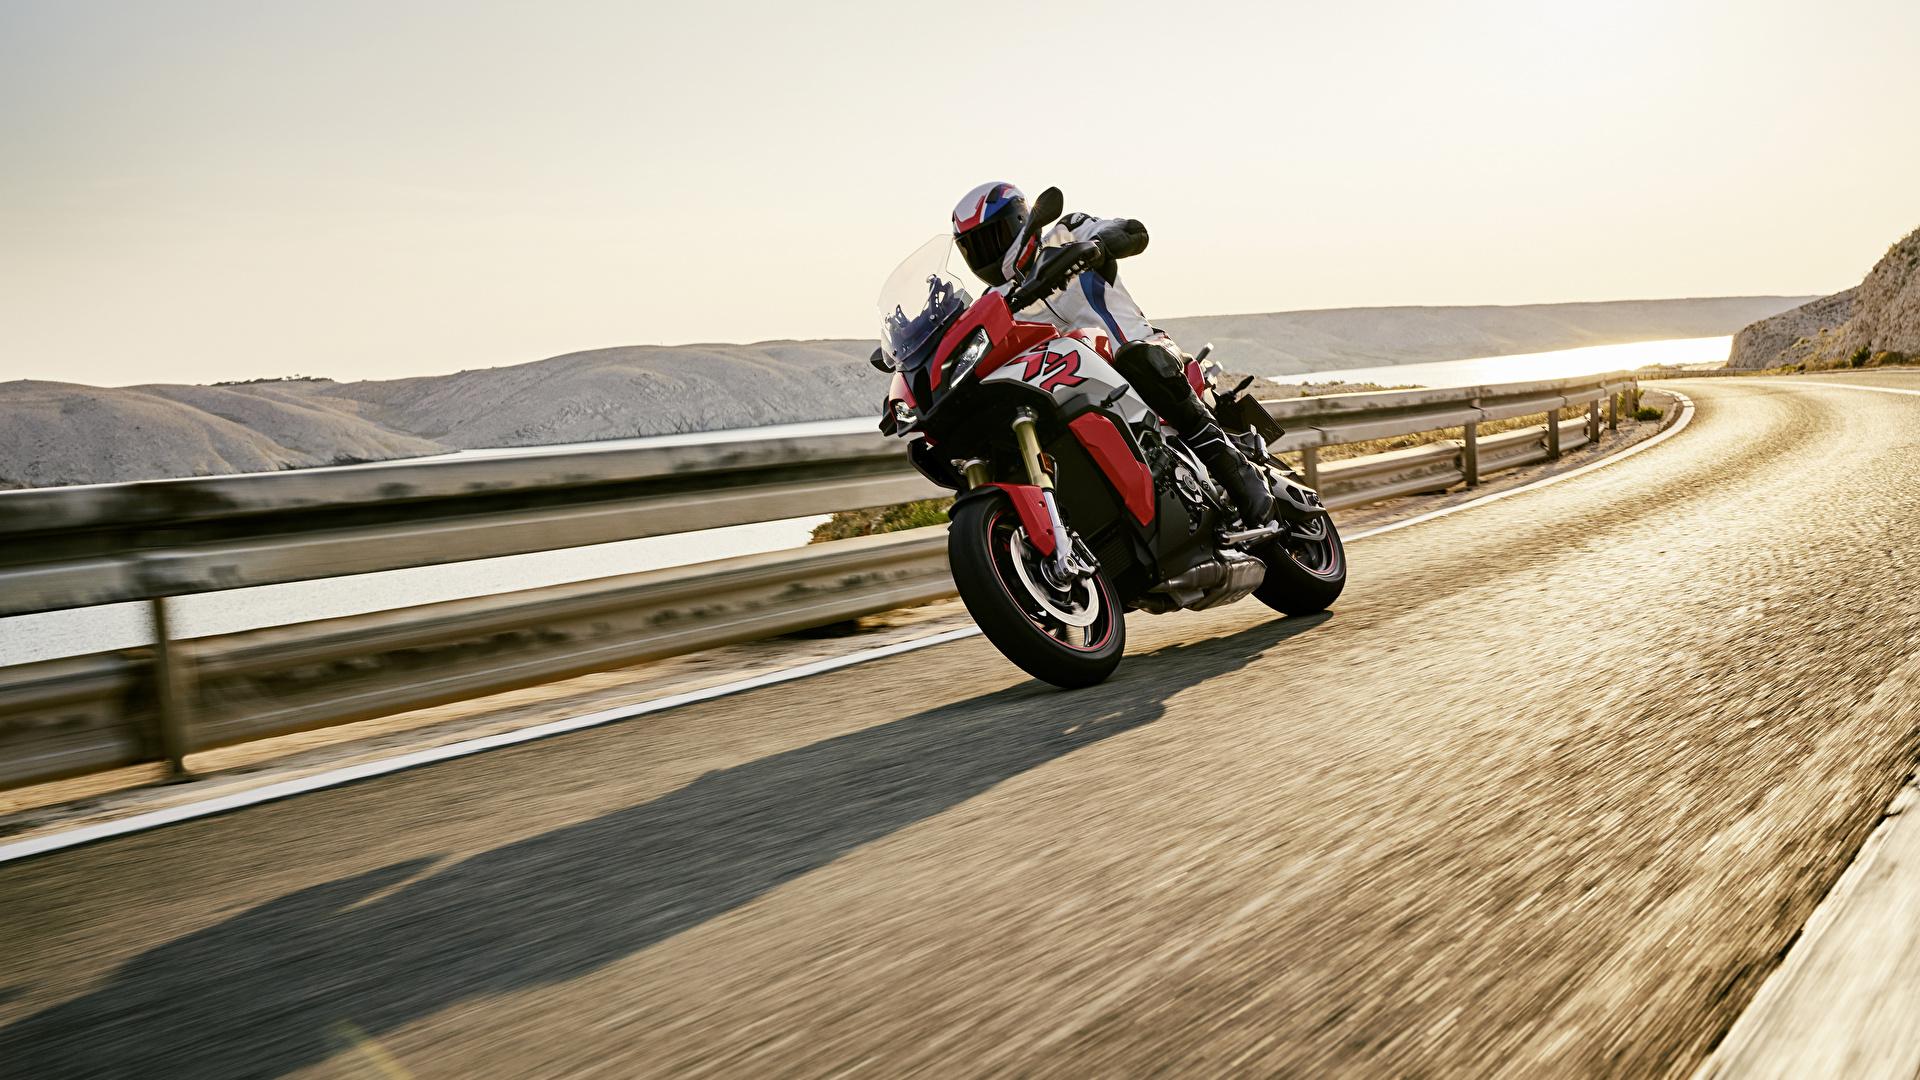 Картинка БМВ 2020 S 1000 XR Мотоциклы едущий Мотоциклист 1920x1080 BMW - Мотоциклы мотоцикл едет едущая Движение скорость